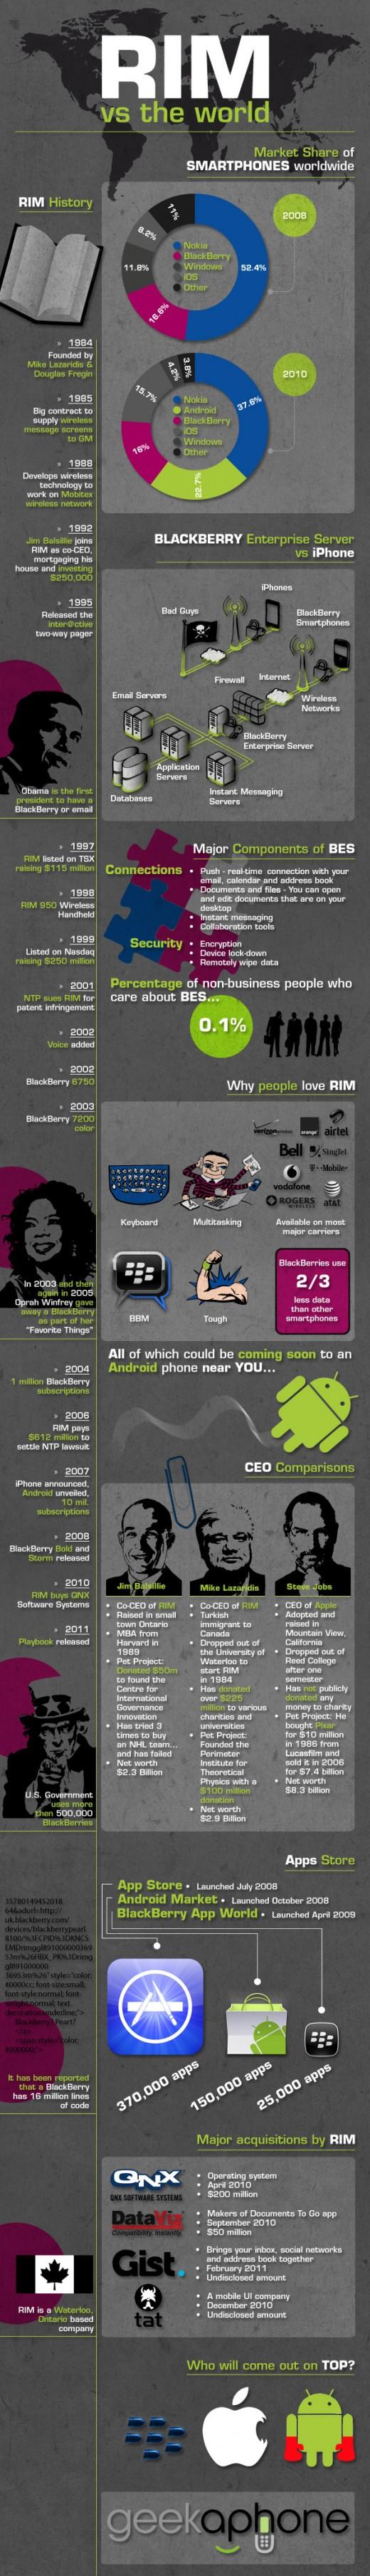 iPhone vs BlackBerry Storm con algo de humor 4